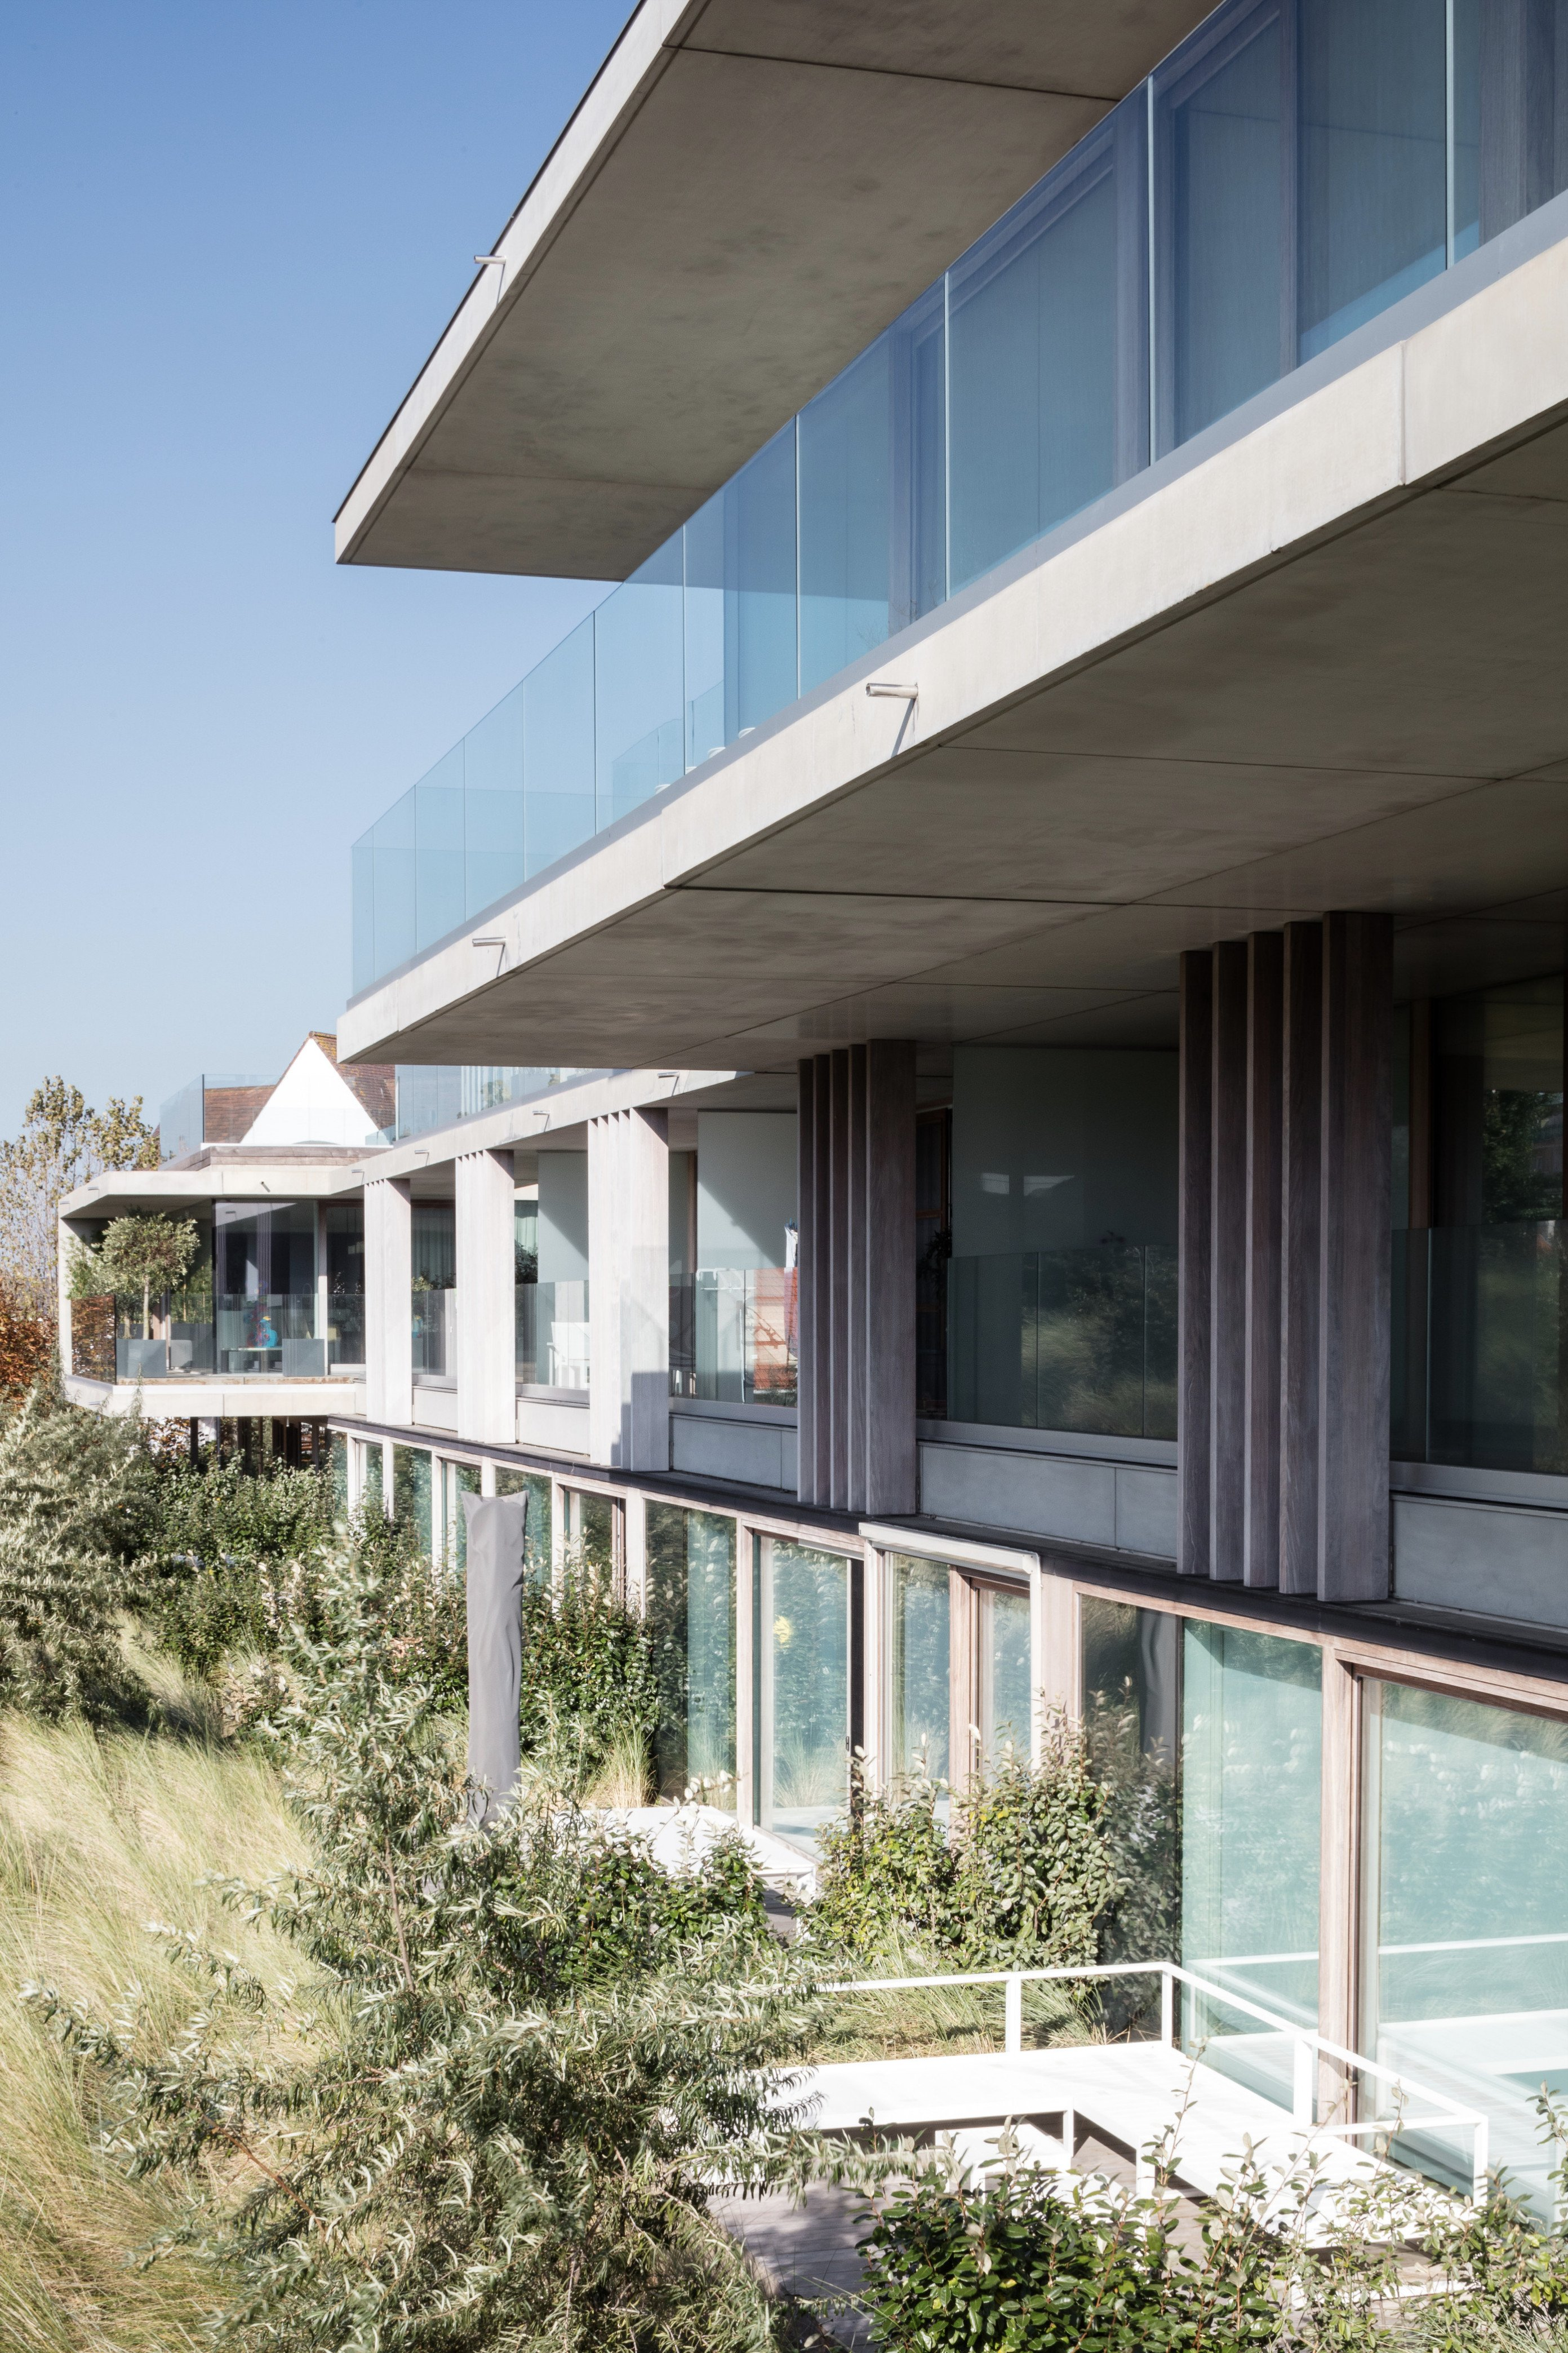 Rietveldprojects-Corbu-Koksijde-Fototimvandevelde15.jpg